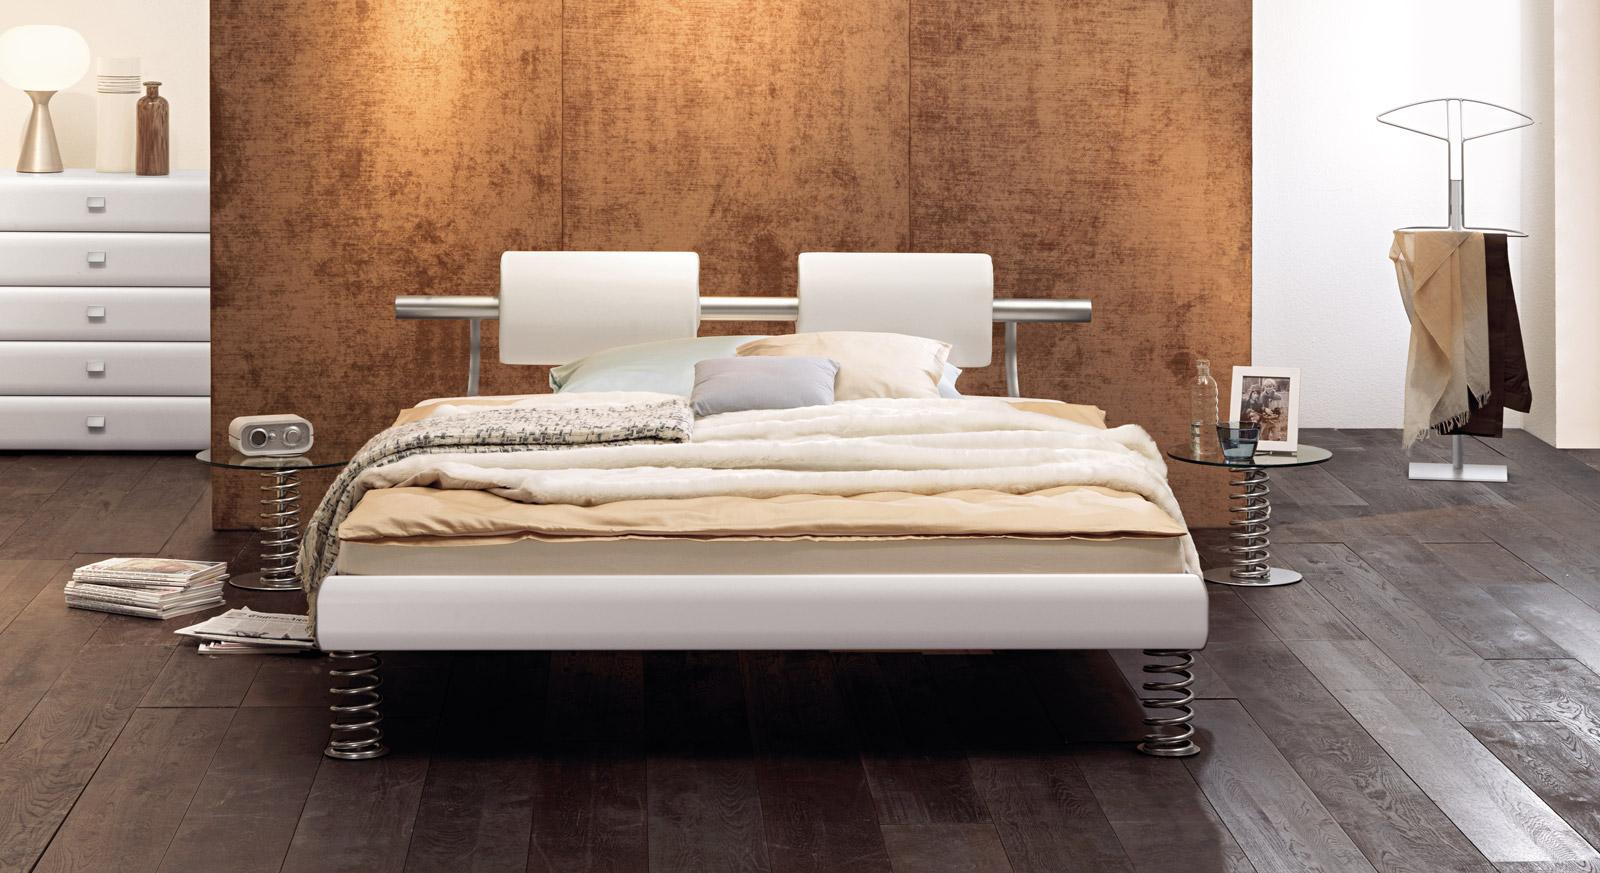 modernes designerbett mit sprungfedern und nackenrollen